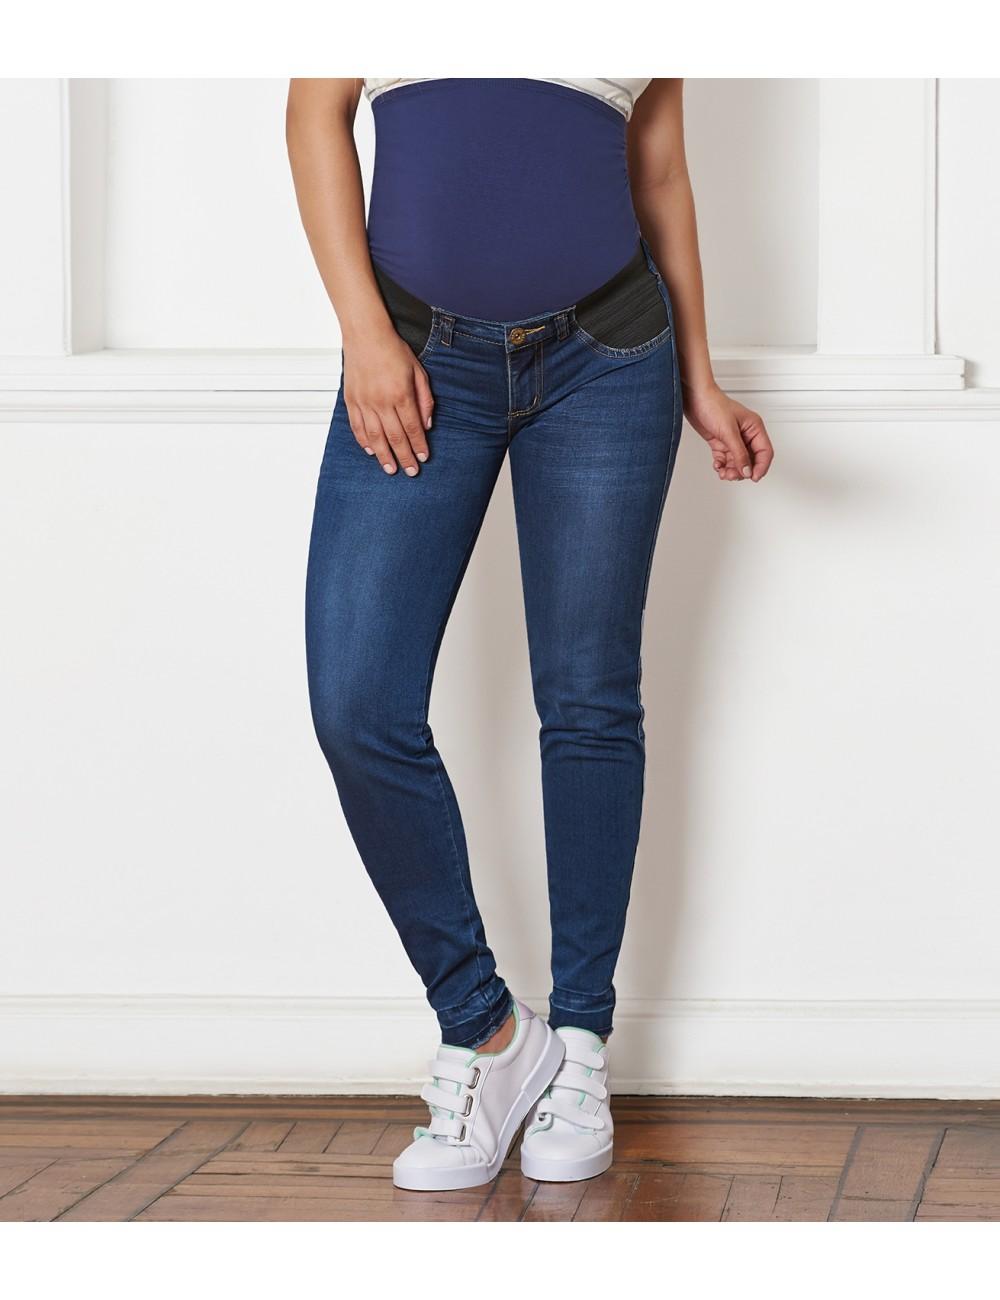 Jean bota tubo resorte laterales